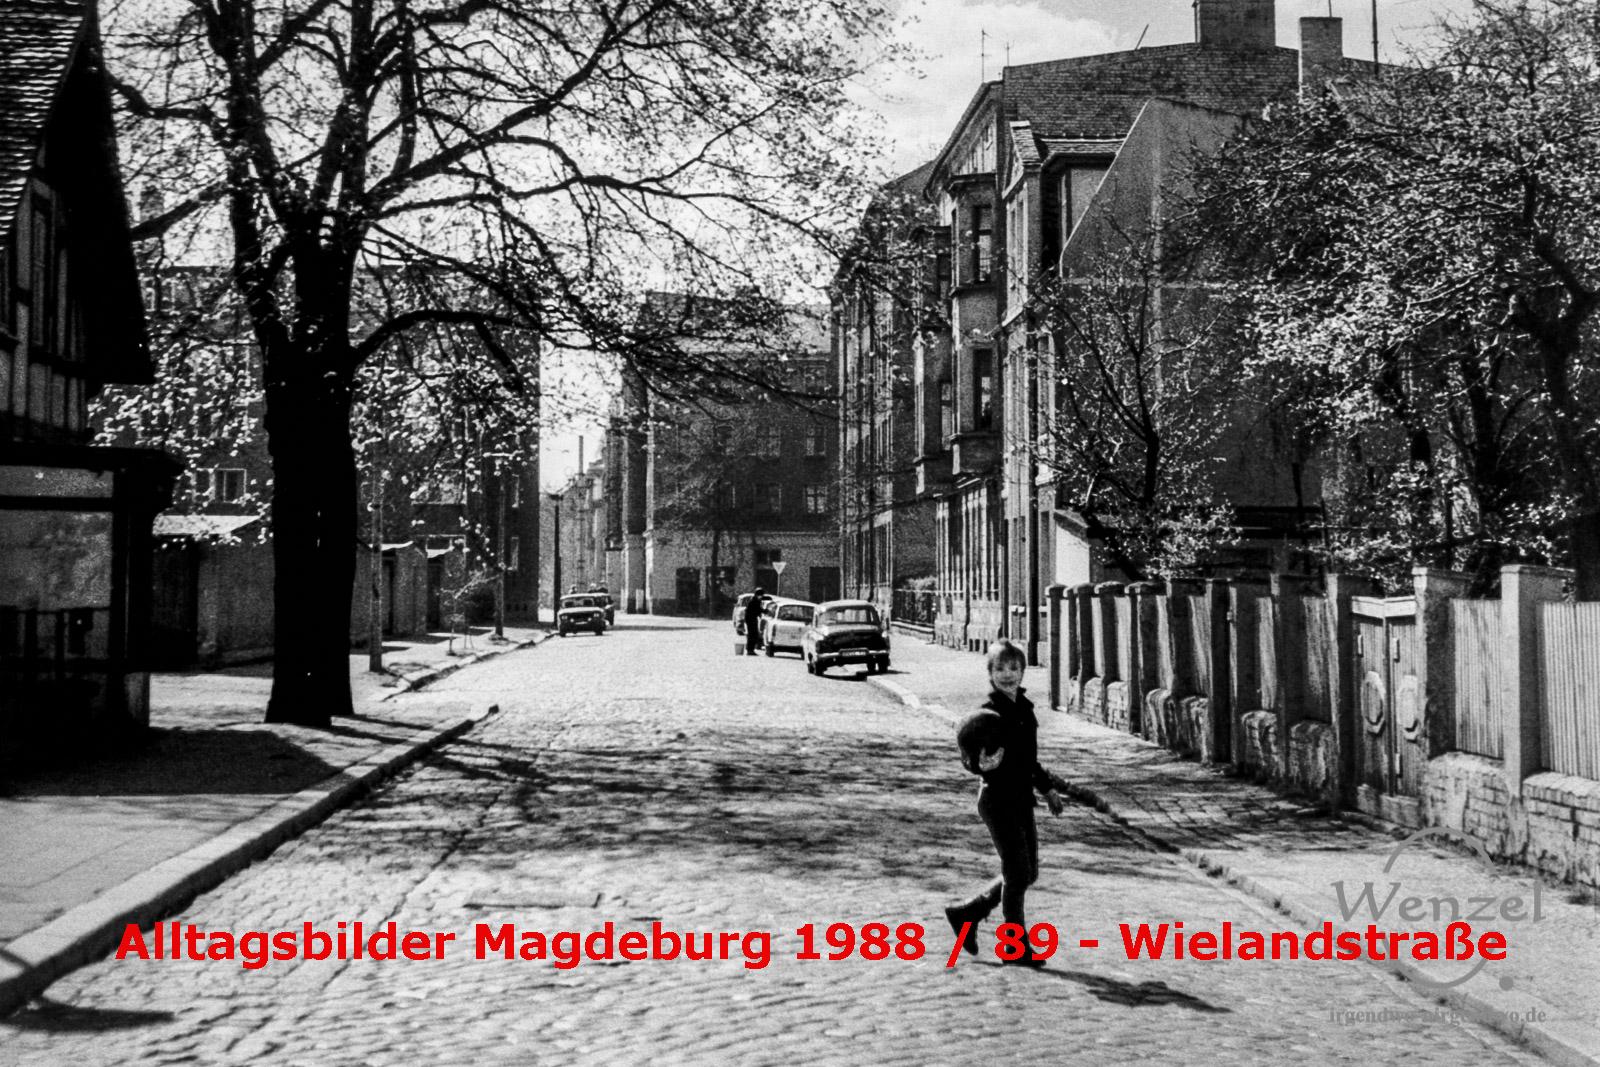 magdeburg-zur wende-102-(c)-wenzel-oschington